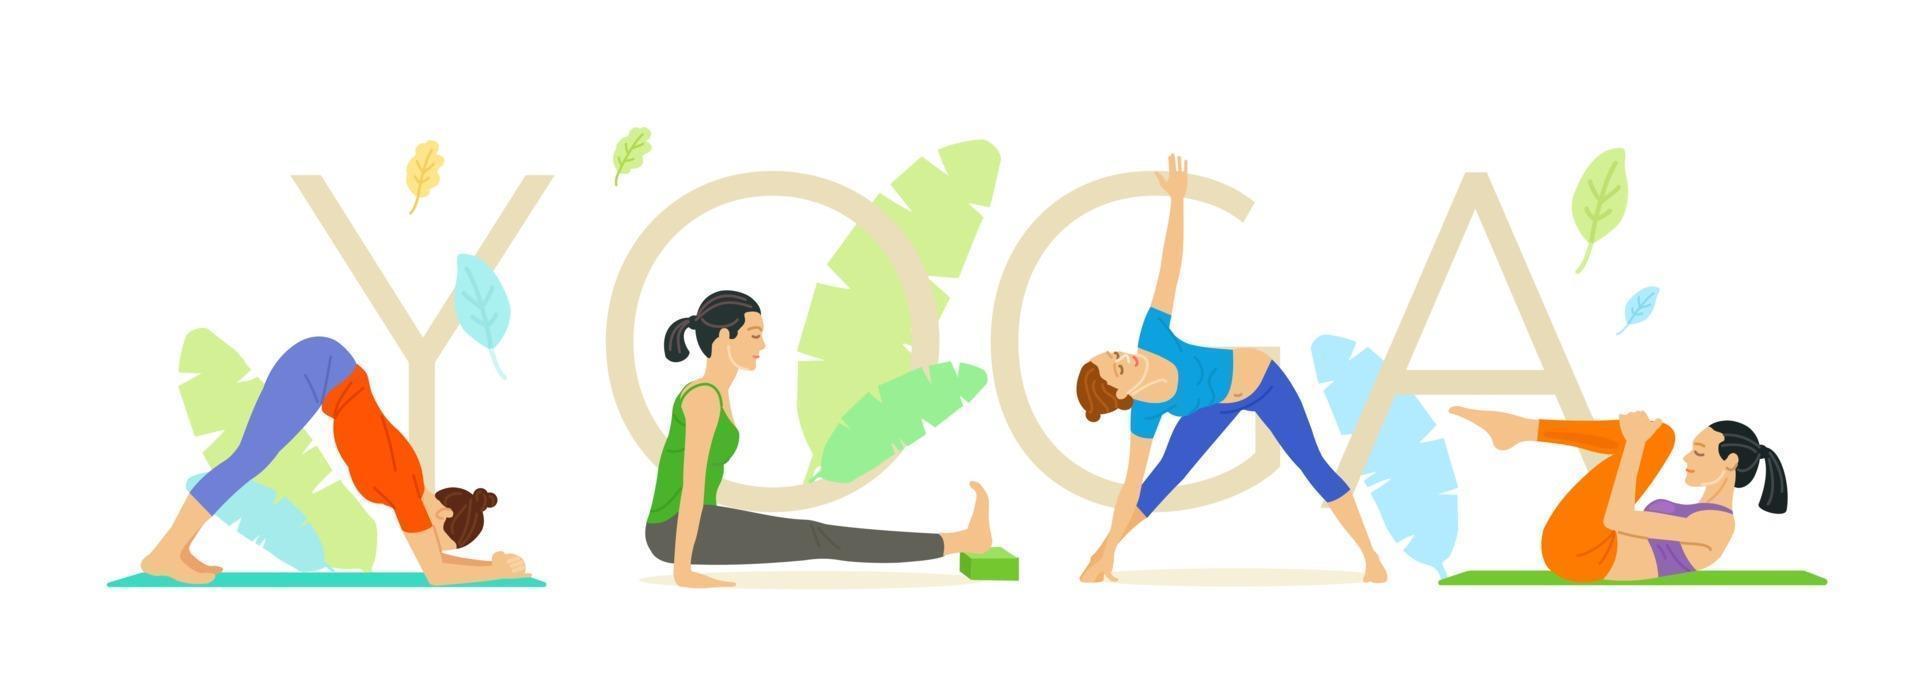 delgada joven atlética haciendo yoga y fitness vector